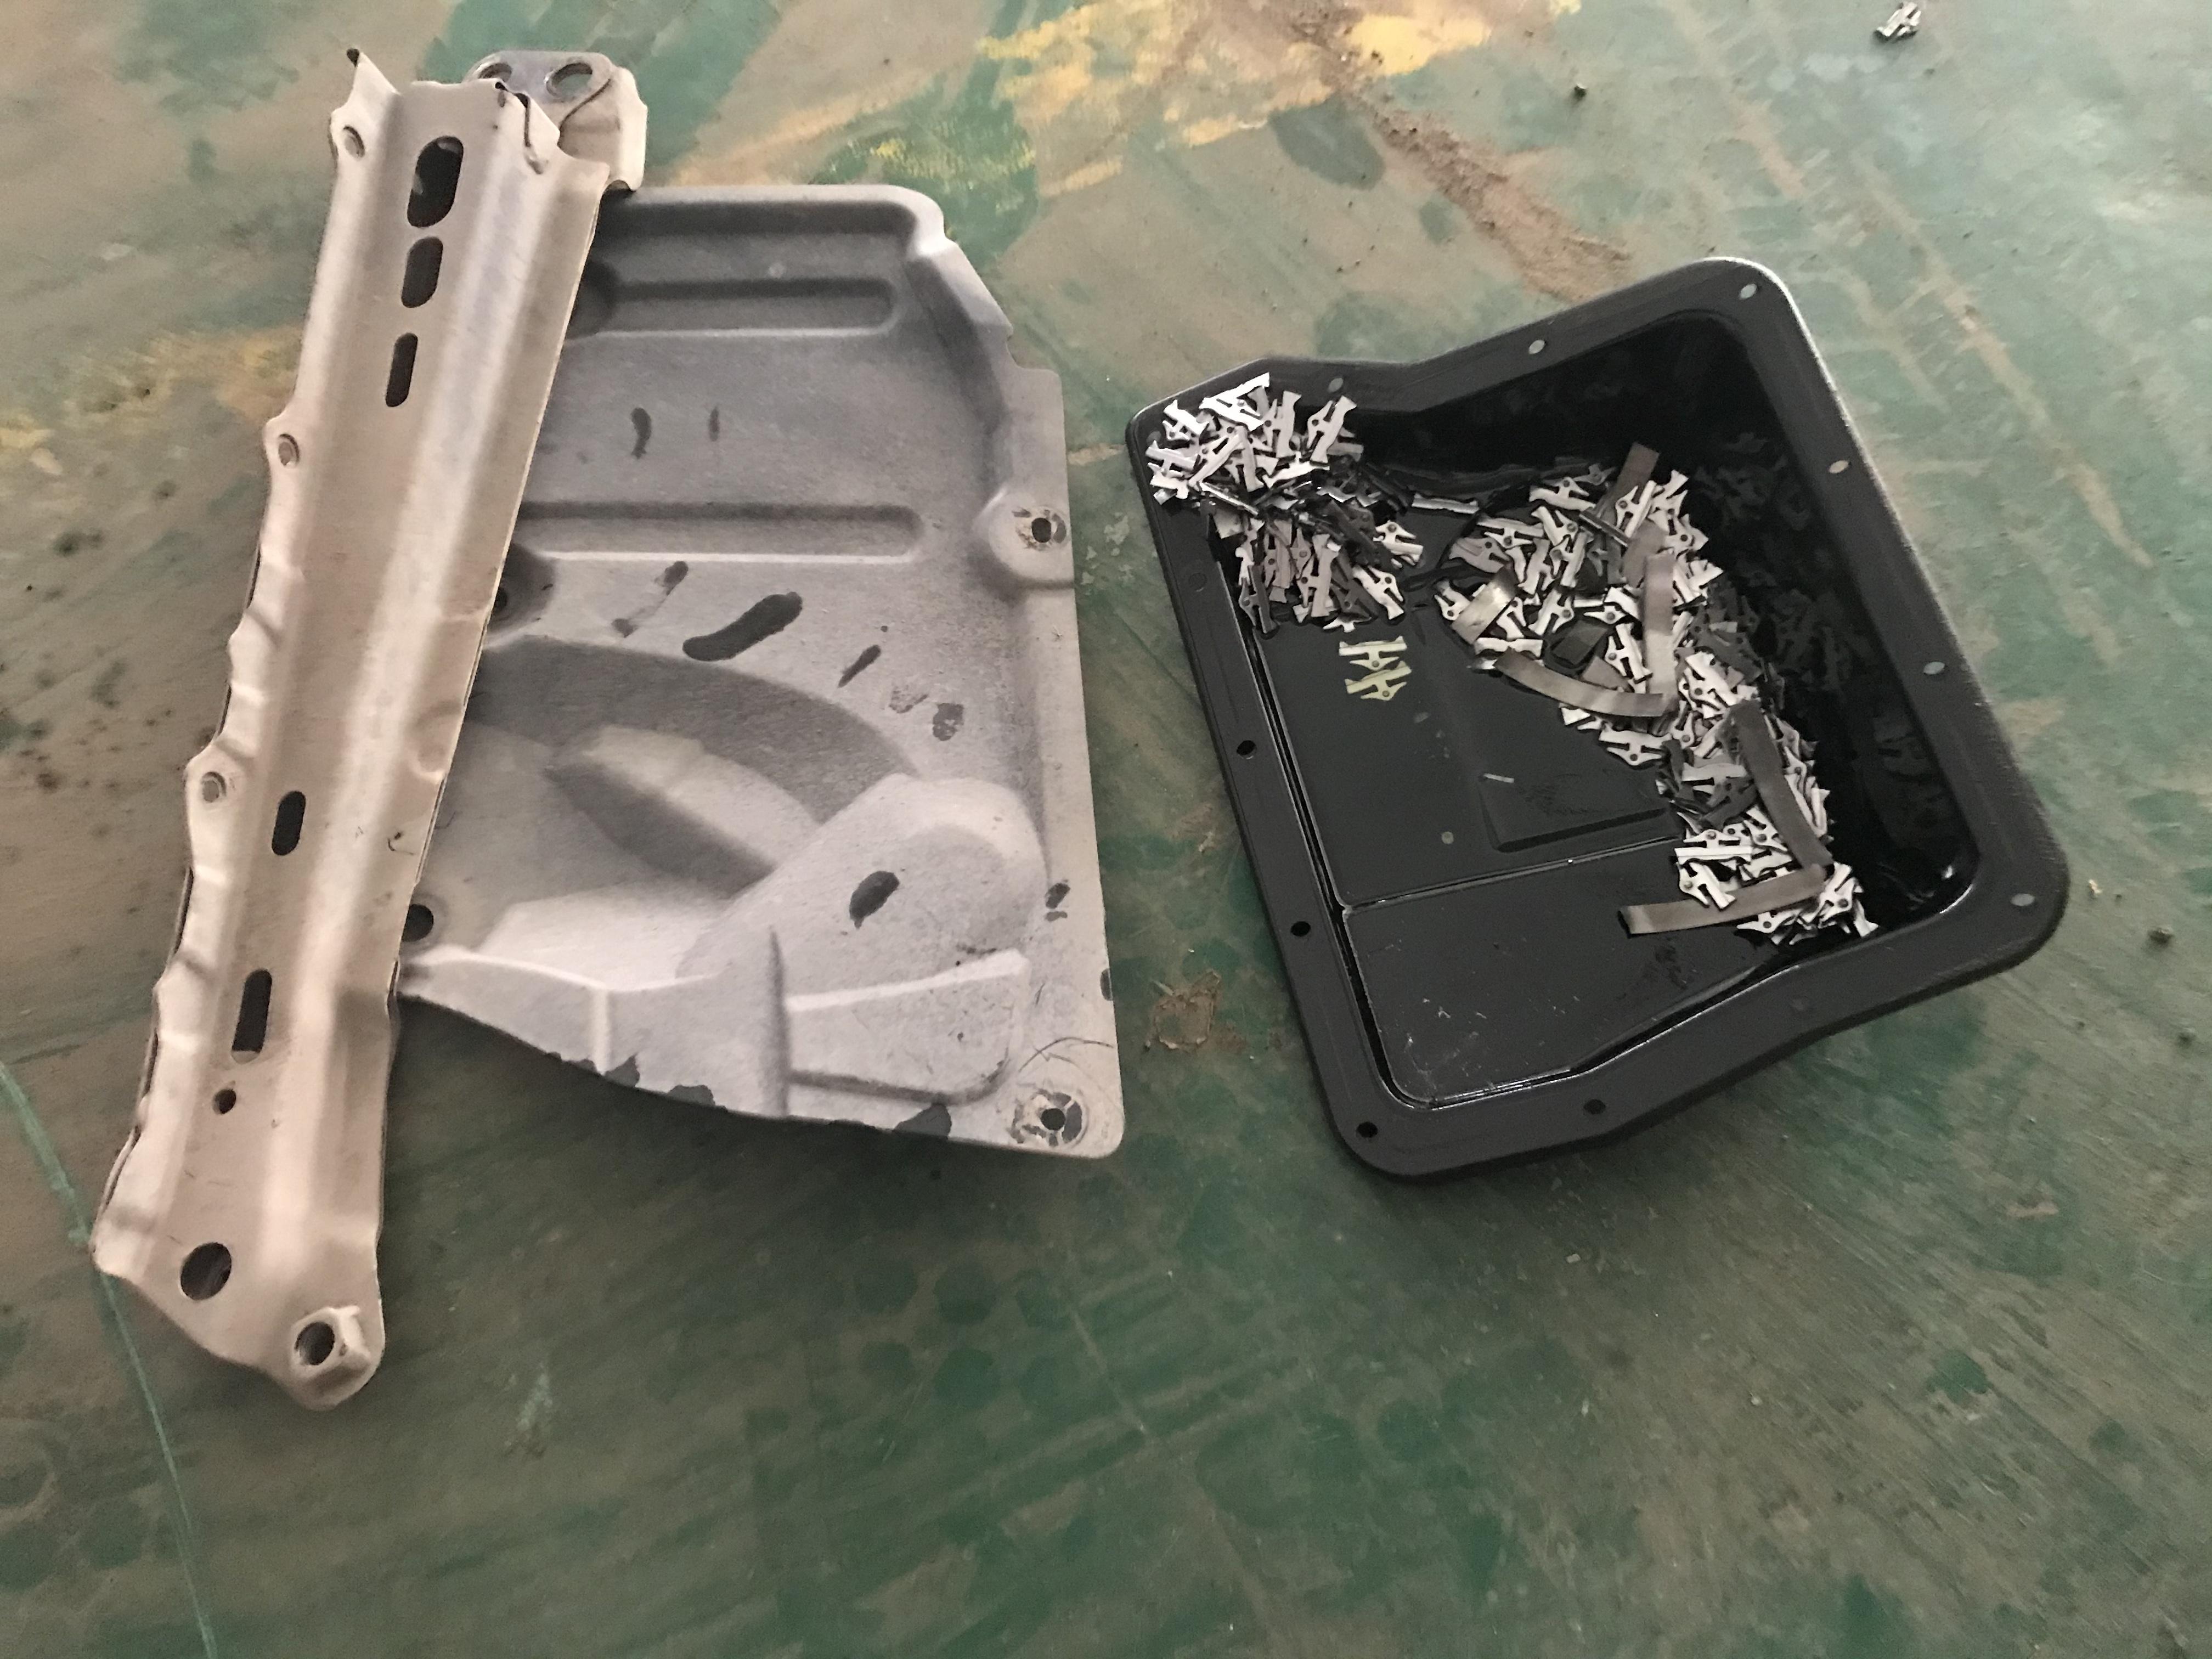 众泰-众泰Z500 变速箱钢带断裂